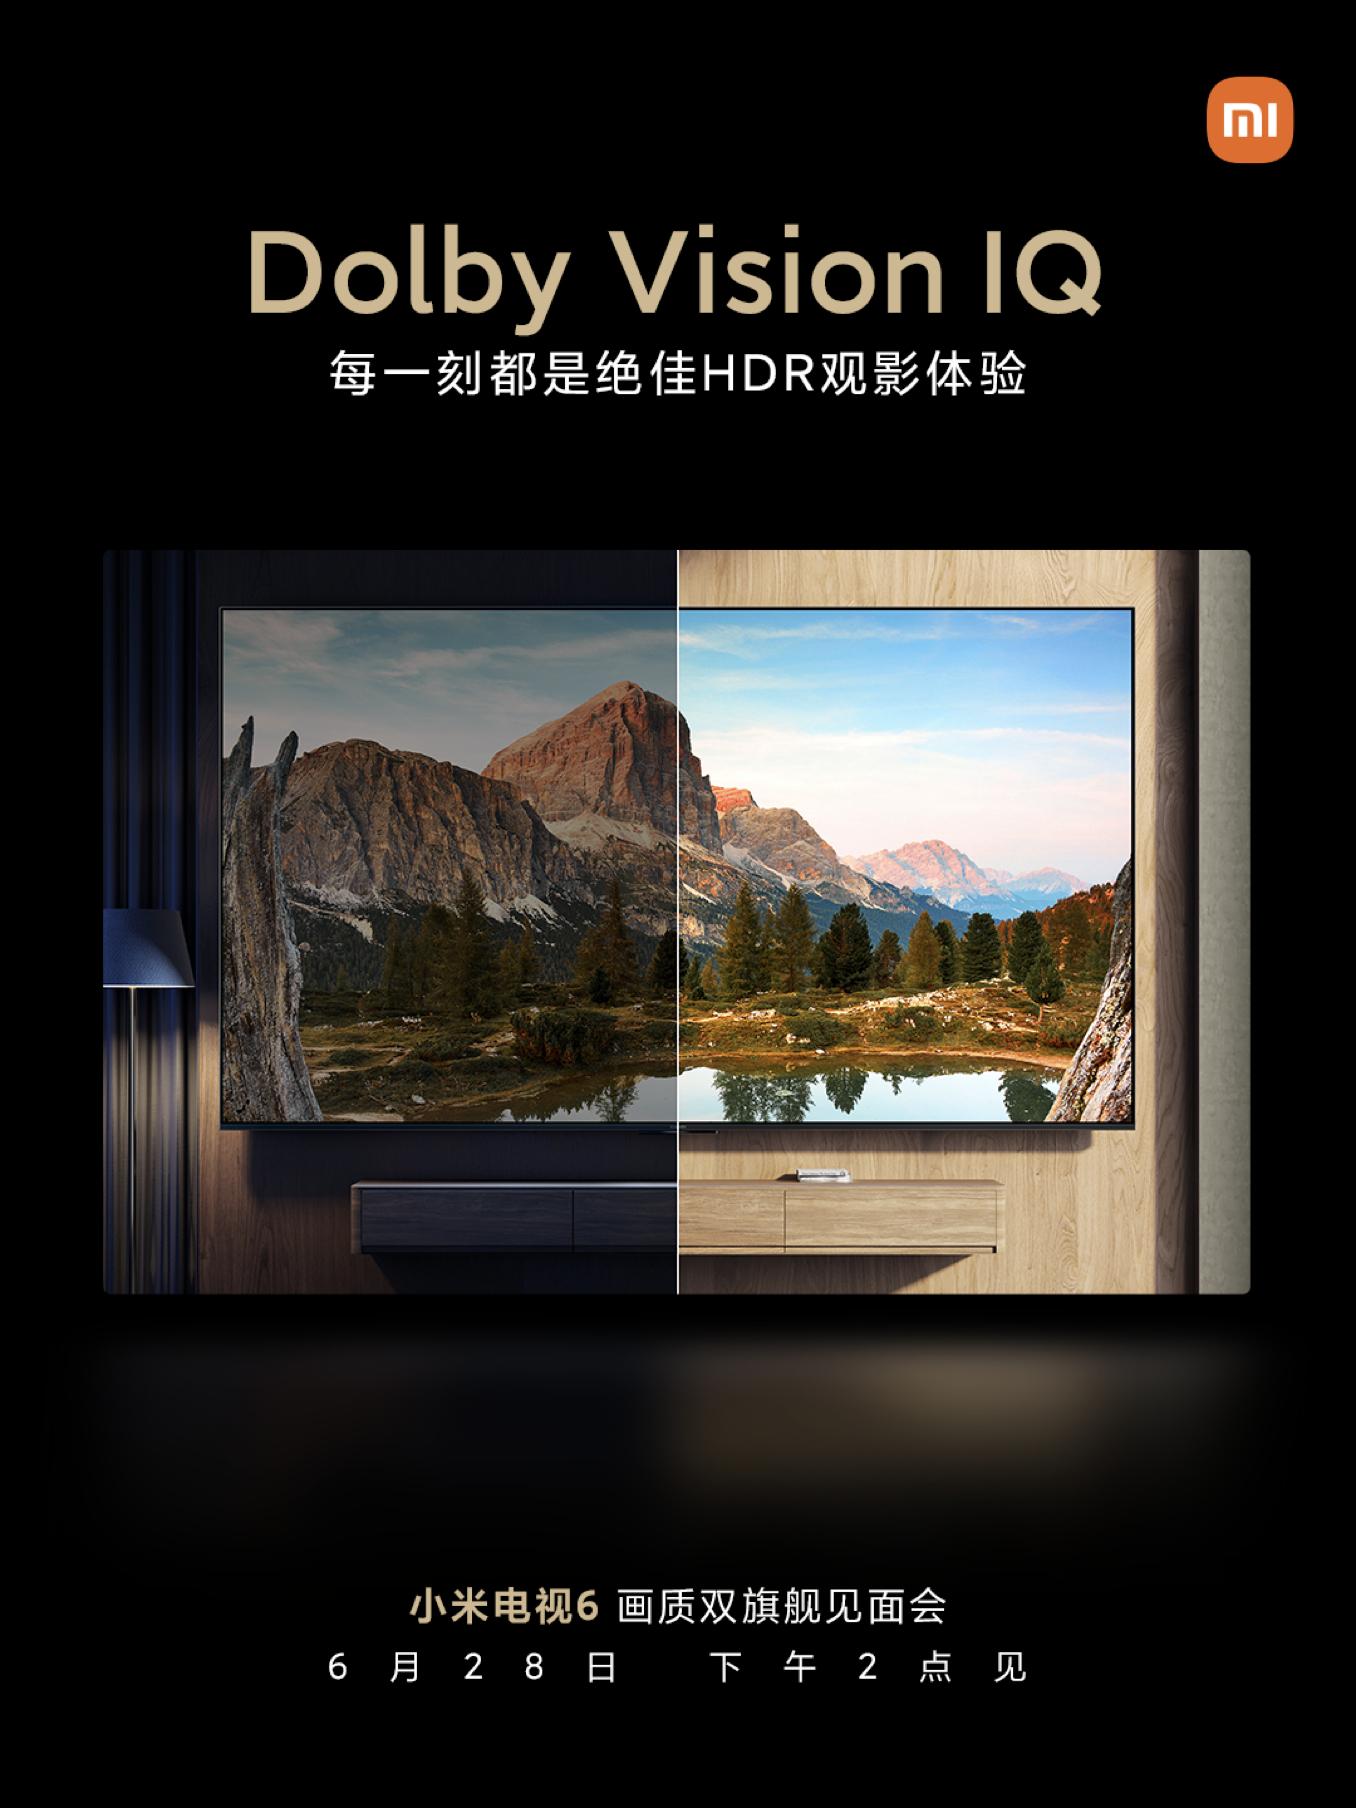 Los nuevos televisores Xiaomi Mi TV 6 contarán con IMAX Enhanced y Dolby Vision IQ. Noticias Xiaomi Adictos